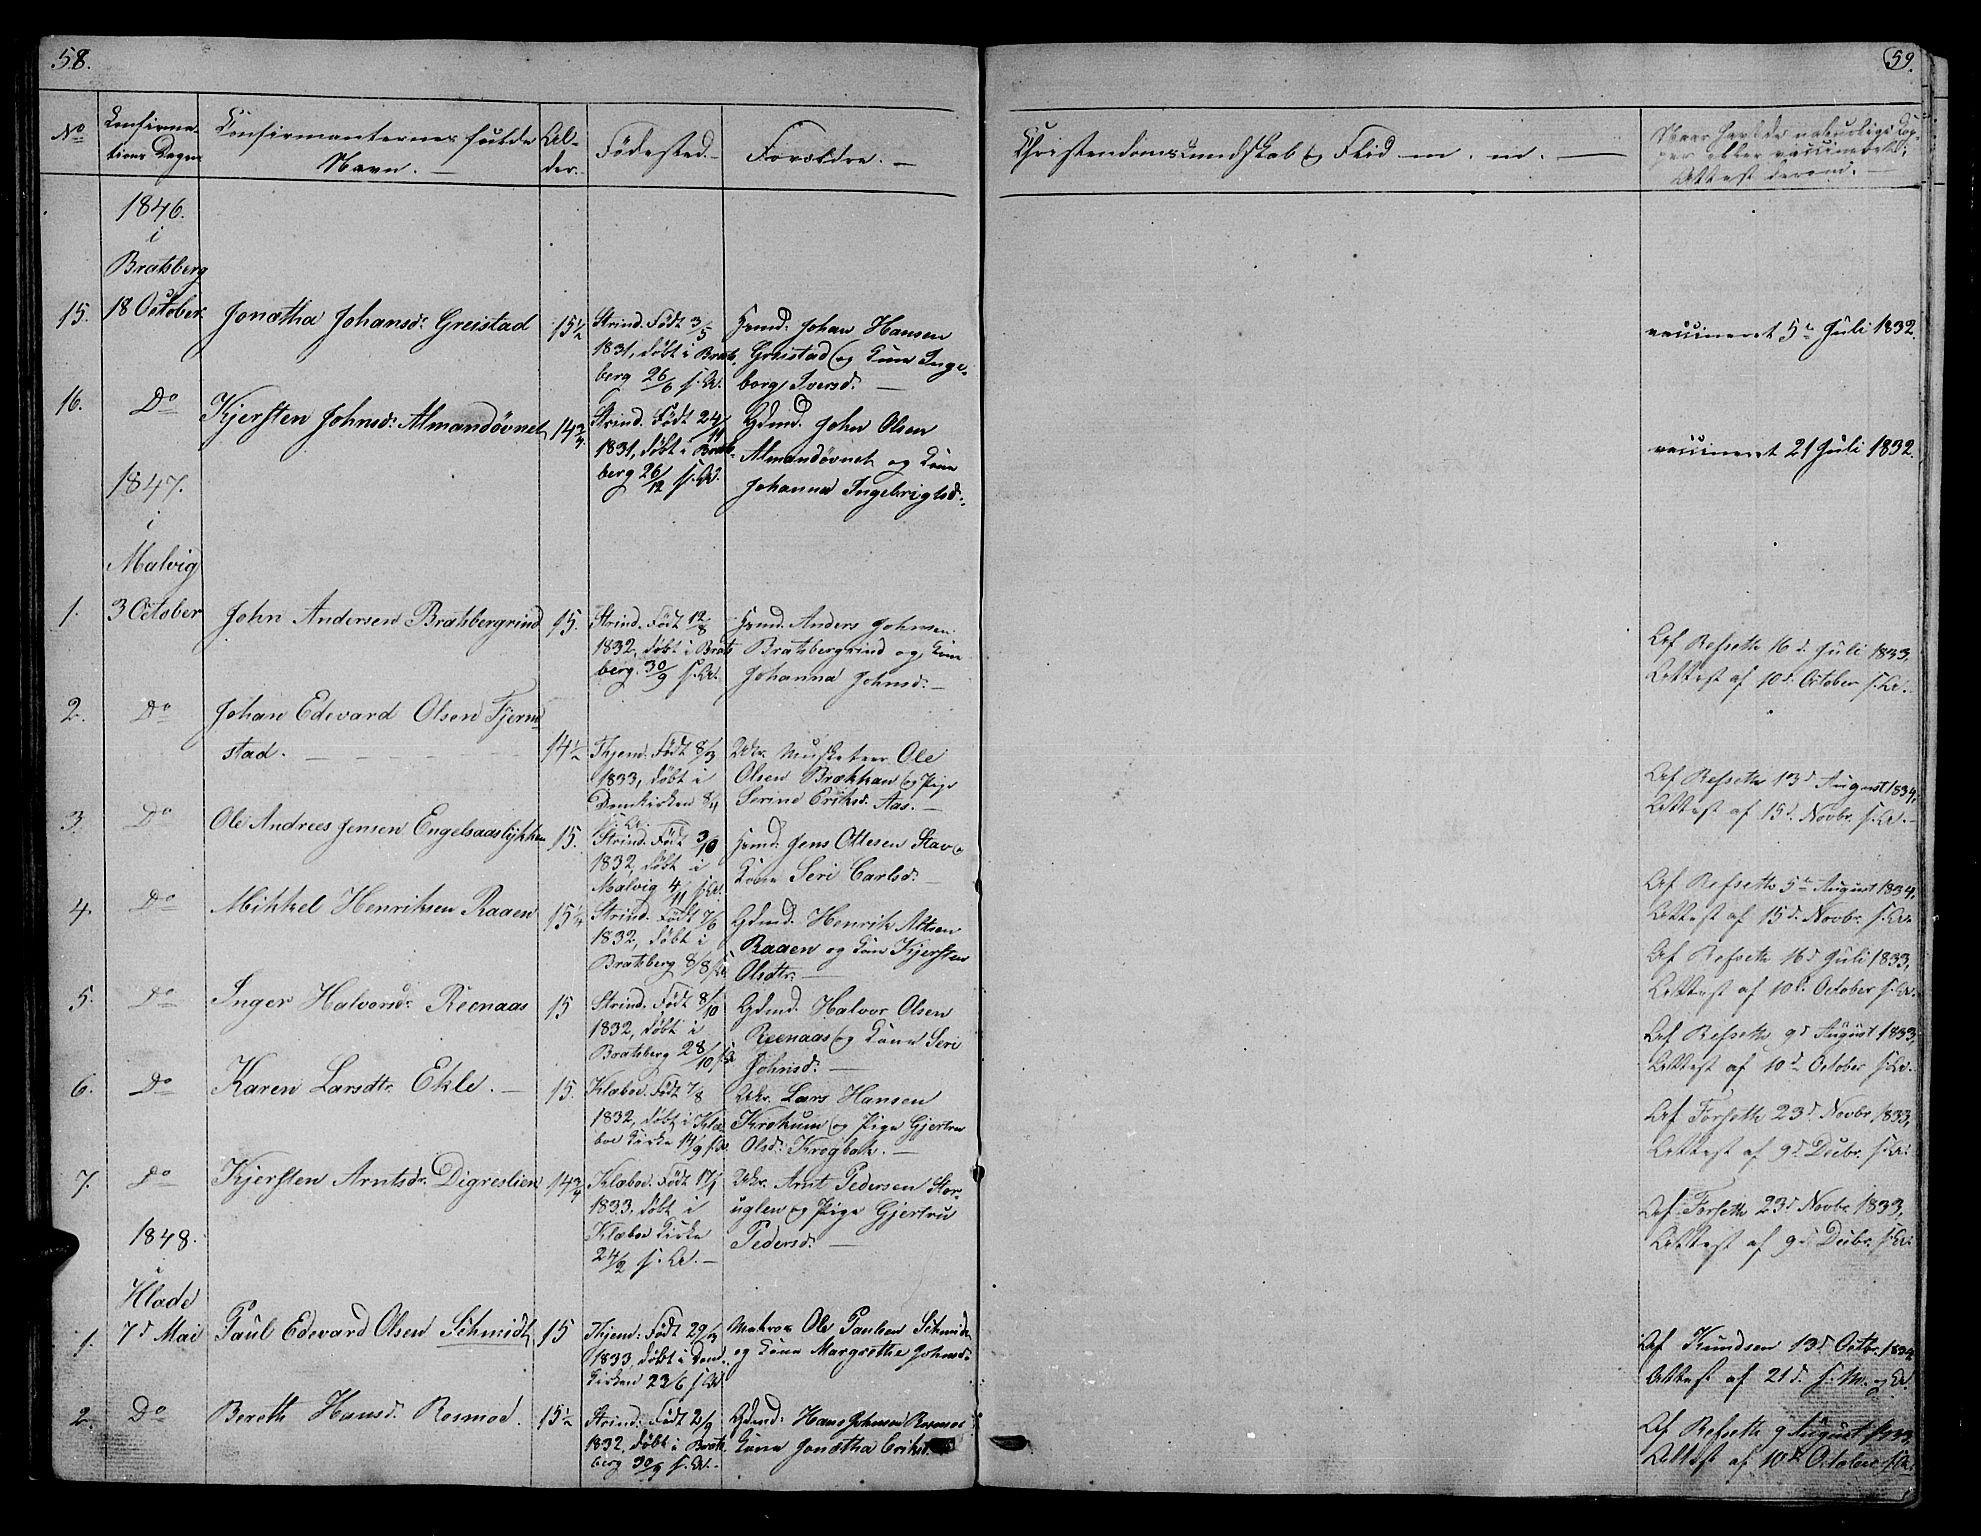 SAT, Ministerialprotokoller, klokkerbøker og fødselsregistre - Sør-Trøndelag, 608/L0339: Klokkerbok nr. 608C05, 1844-1863, s. 58-59